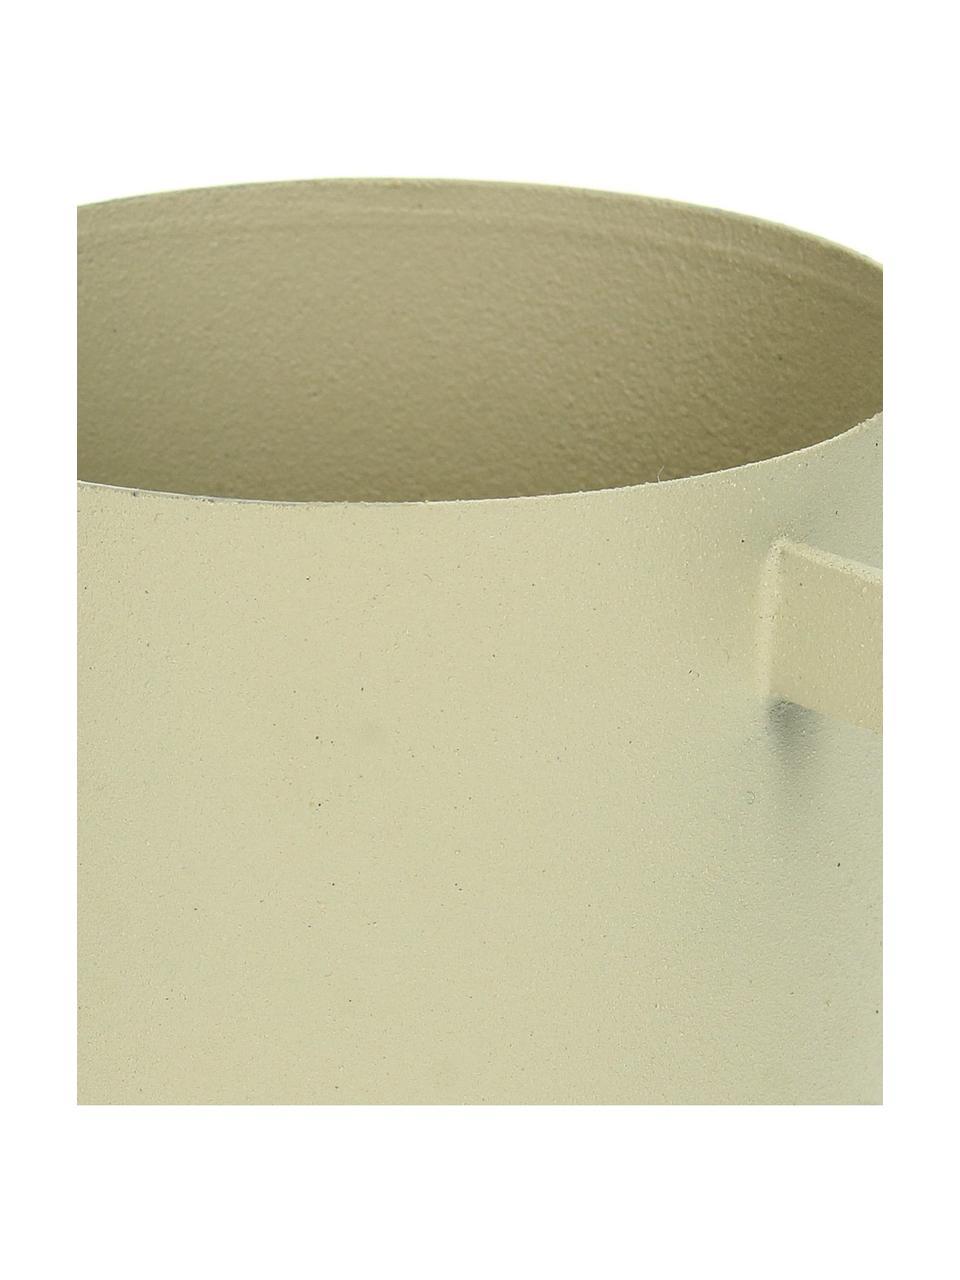 Kleiner Übertopf Onyx, Metall, beschichtet, Beige, Ø 9 x H 12 cm